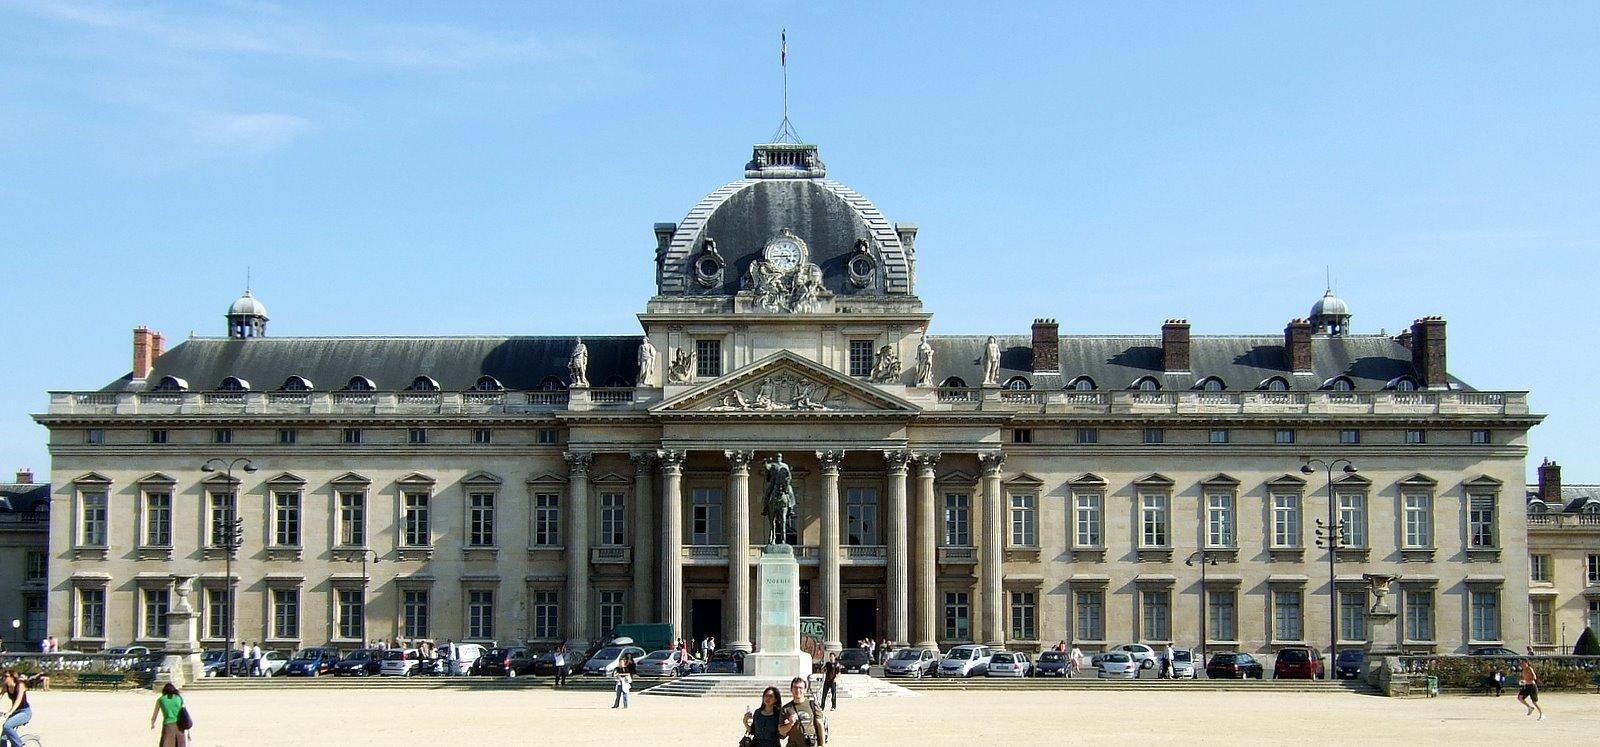 My First ParisAdventure